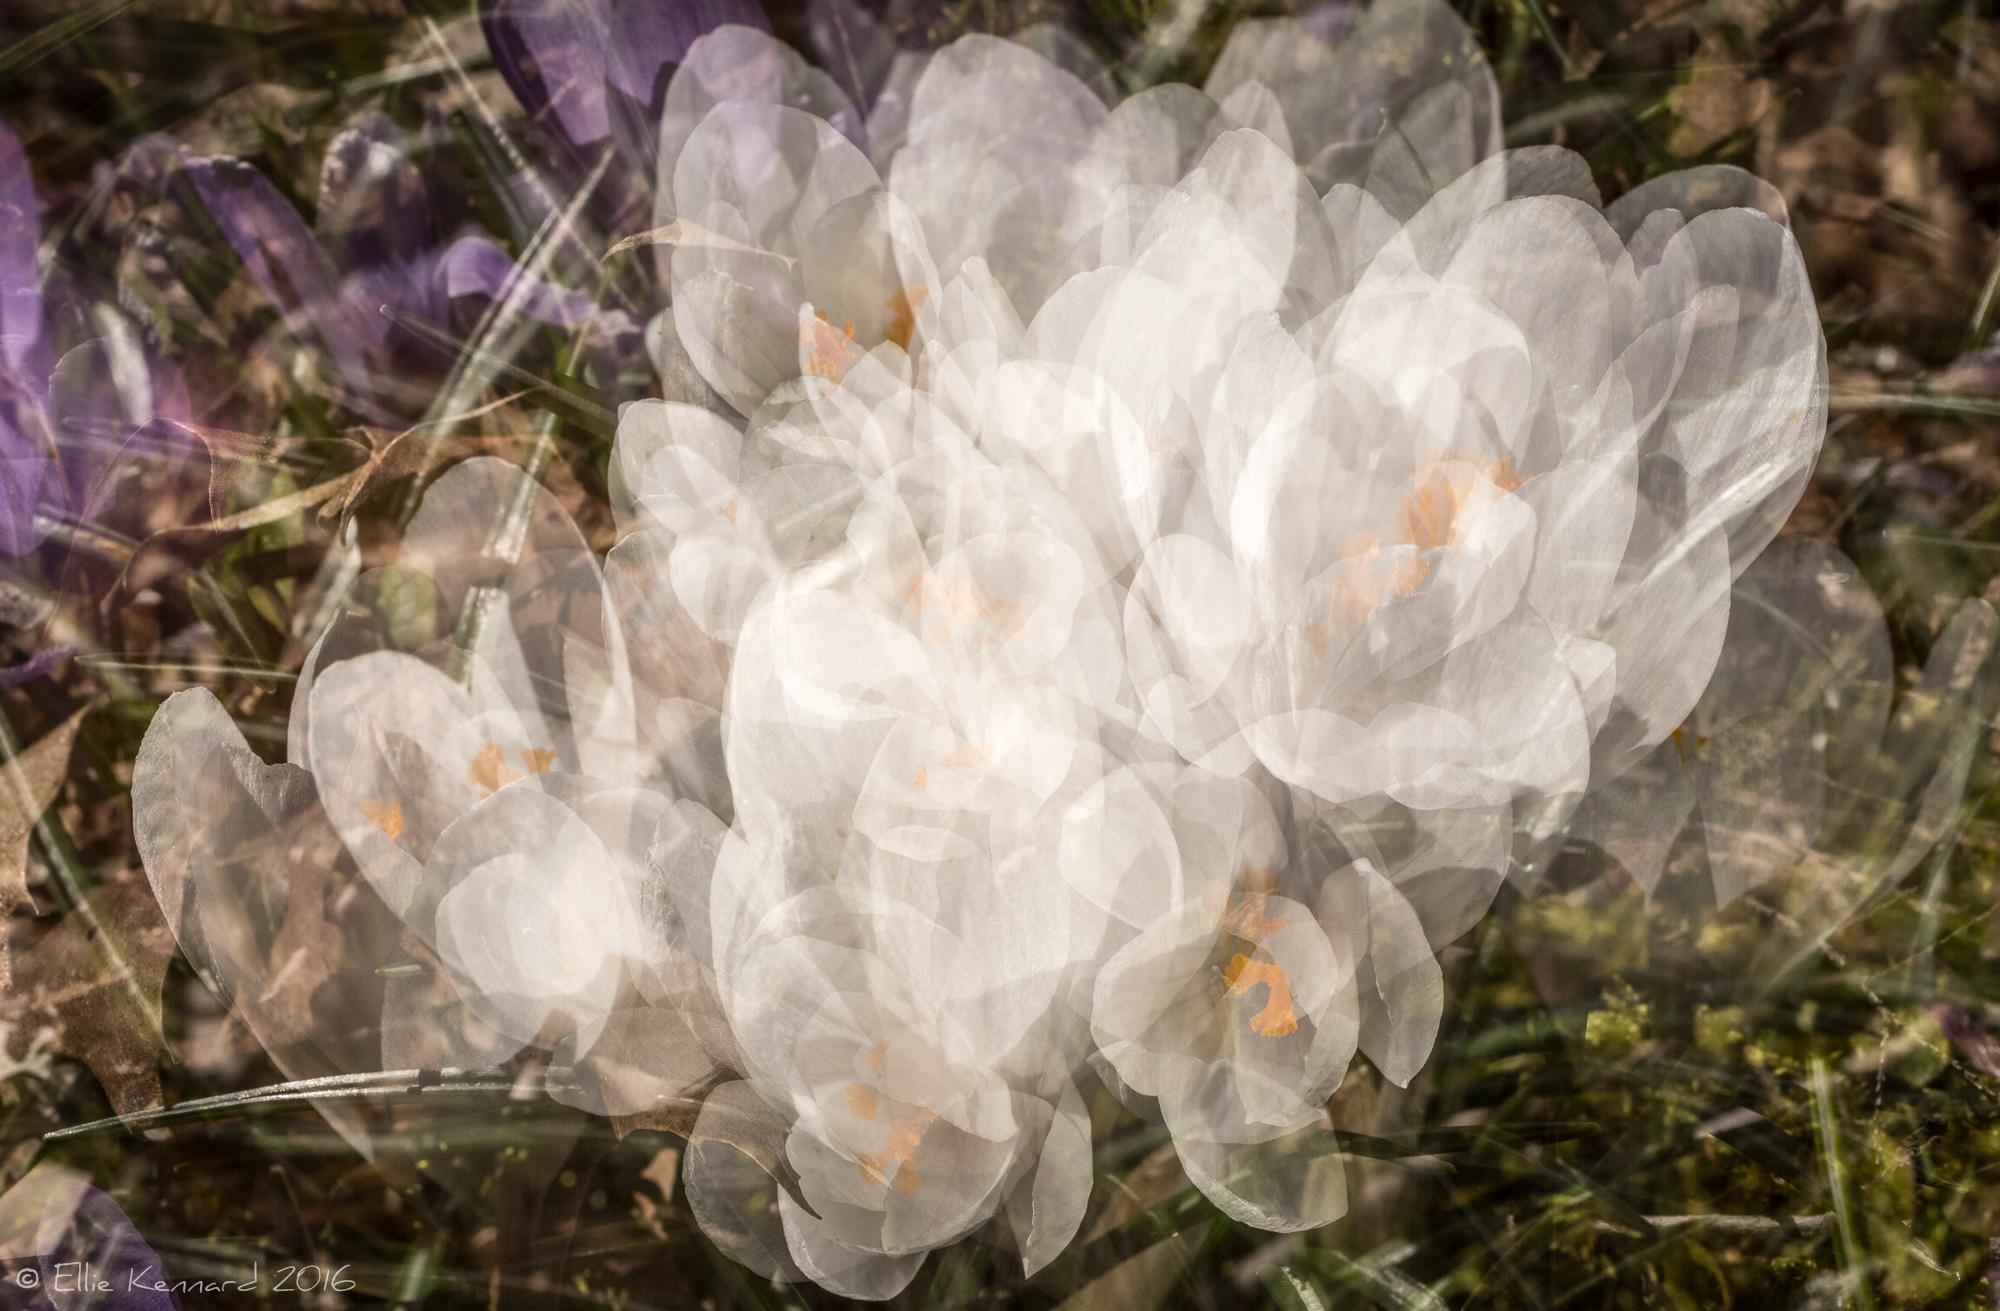 Spring explosion~ Multiple Exposure of White Crocuses– Ellie Kennard 2016